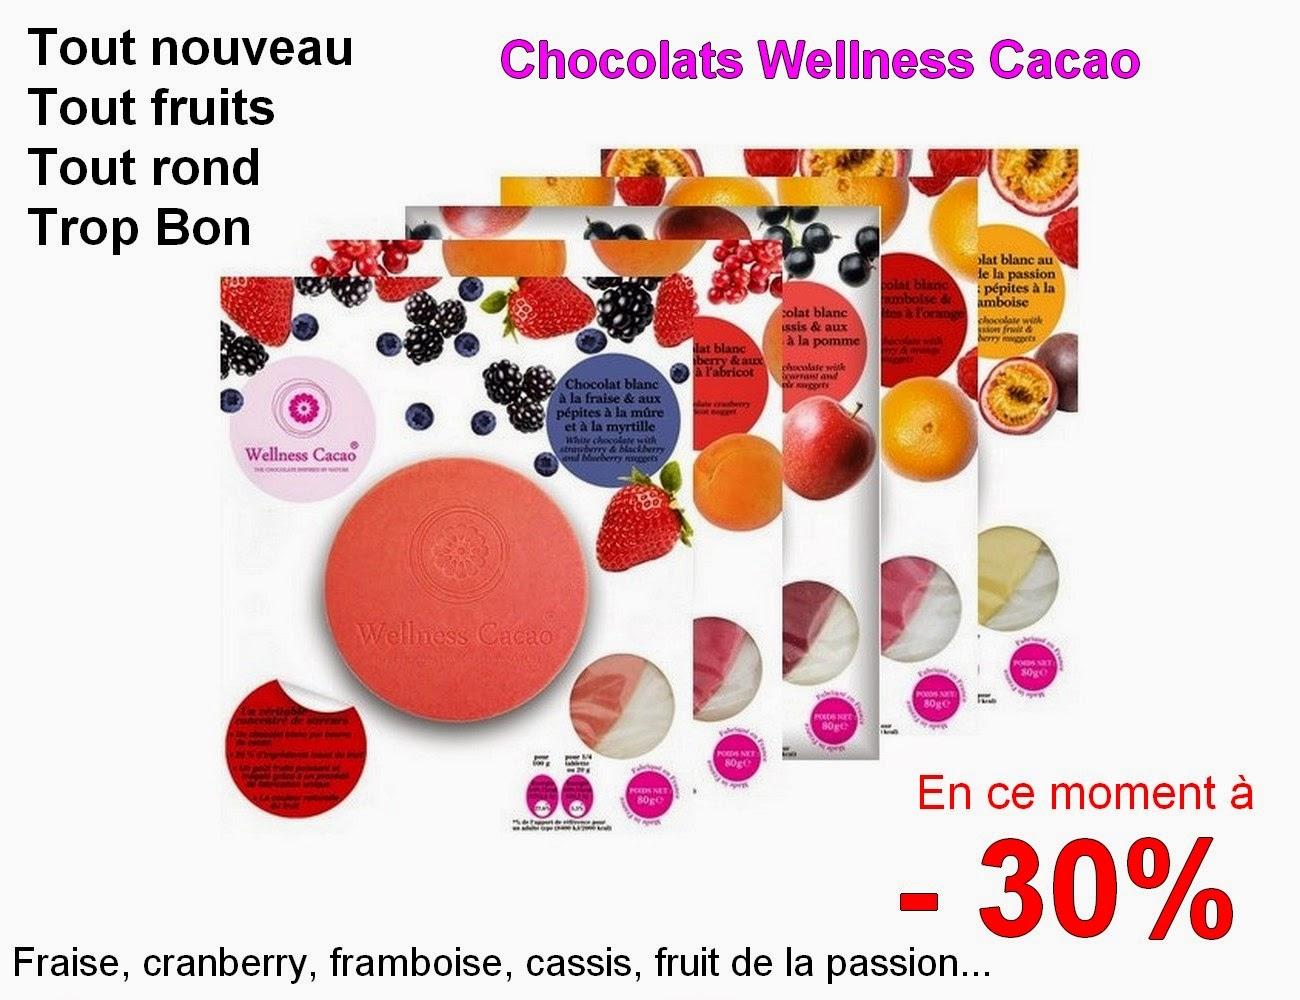 http://www.e-gastronomie.com/chocolat,fr,3,45.cfm